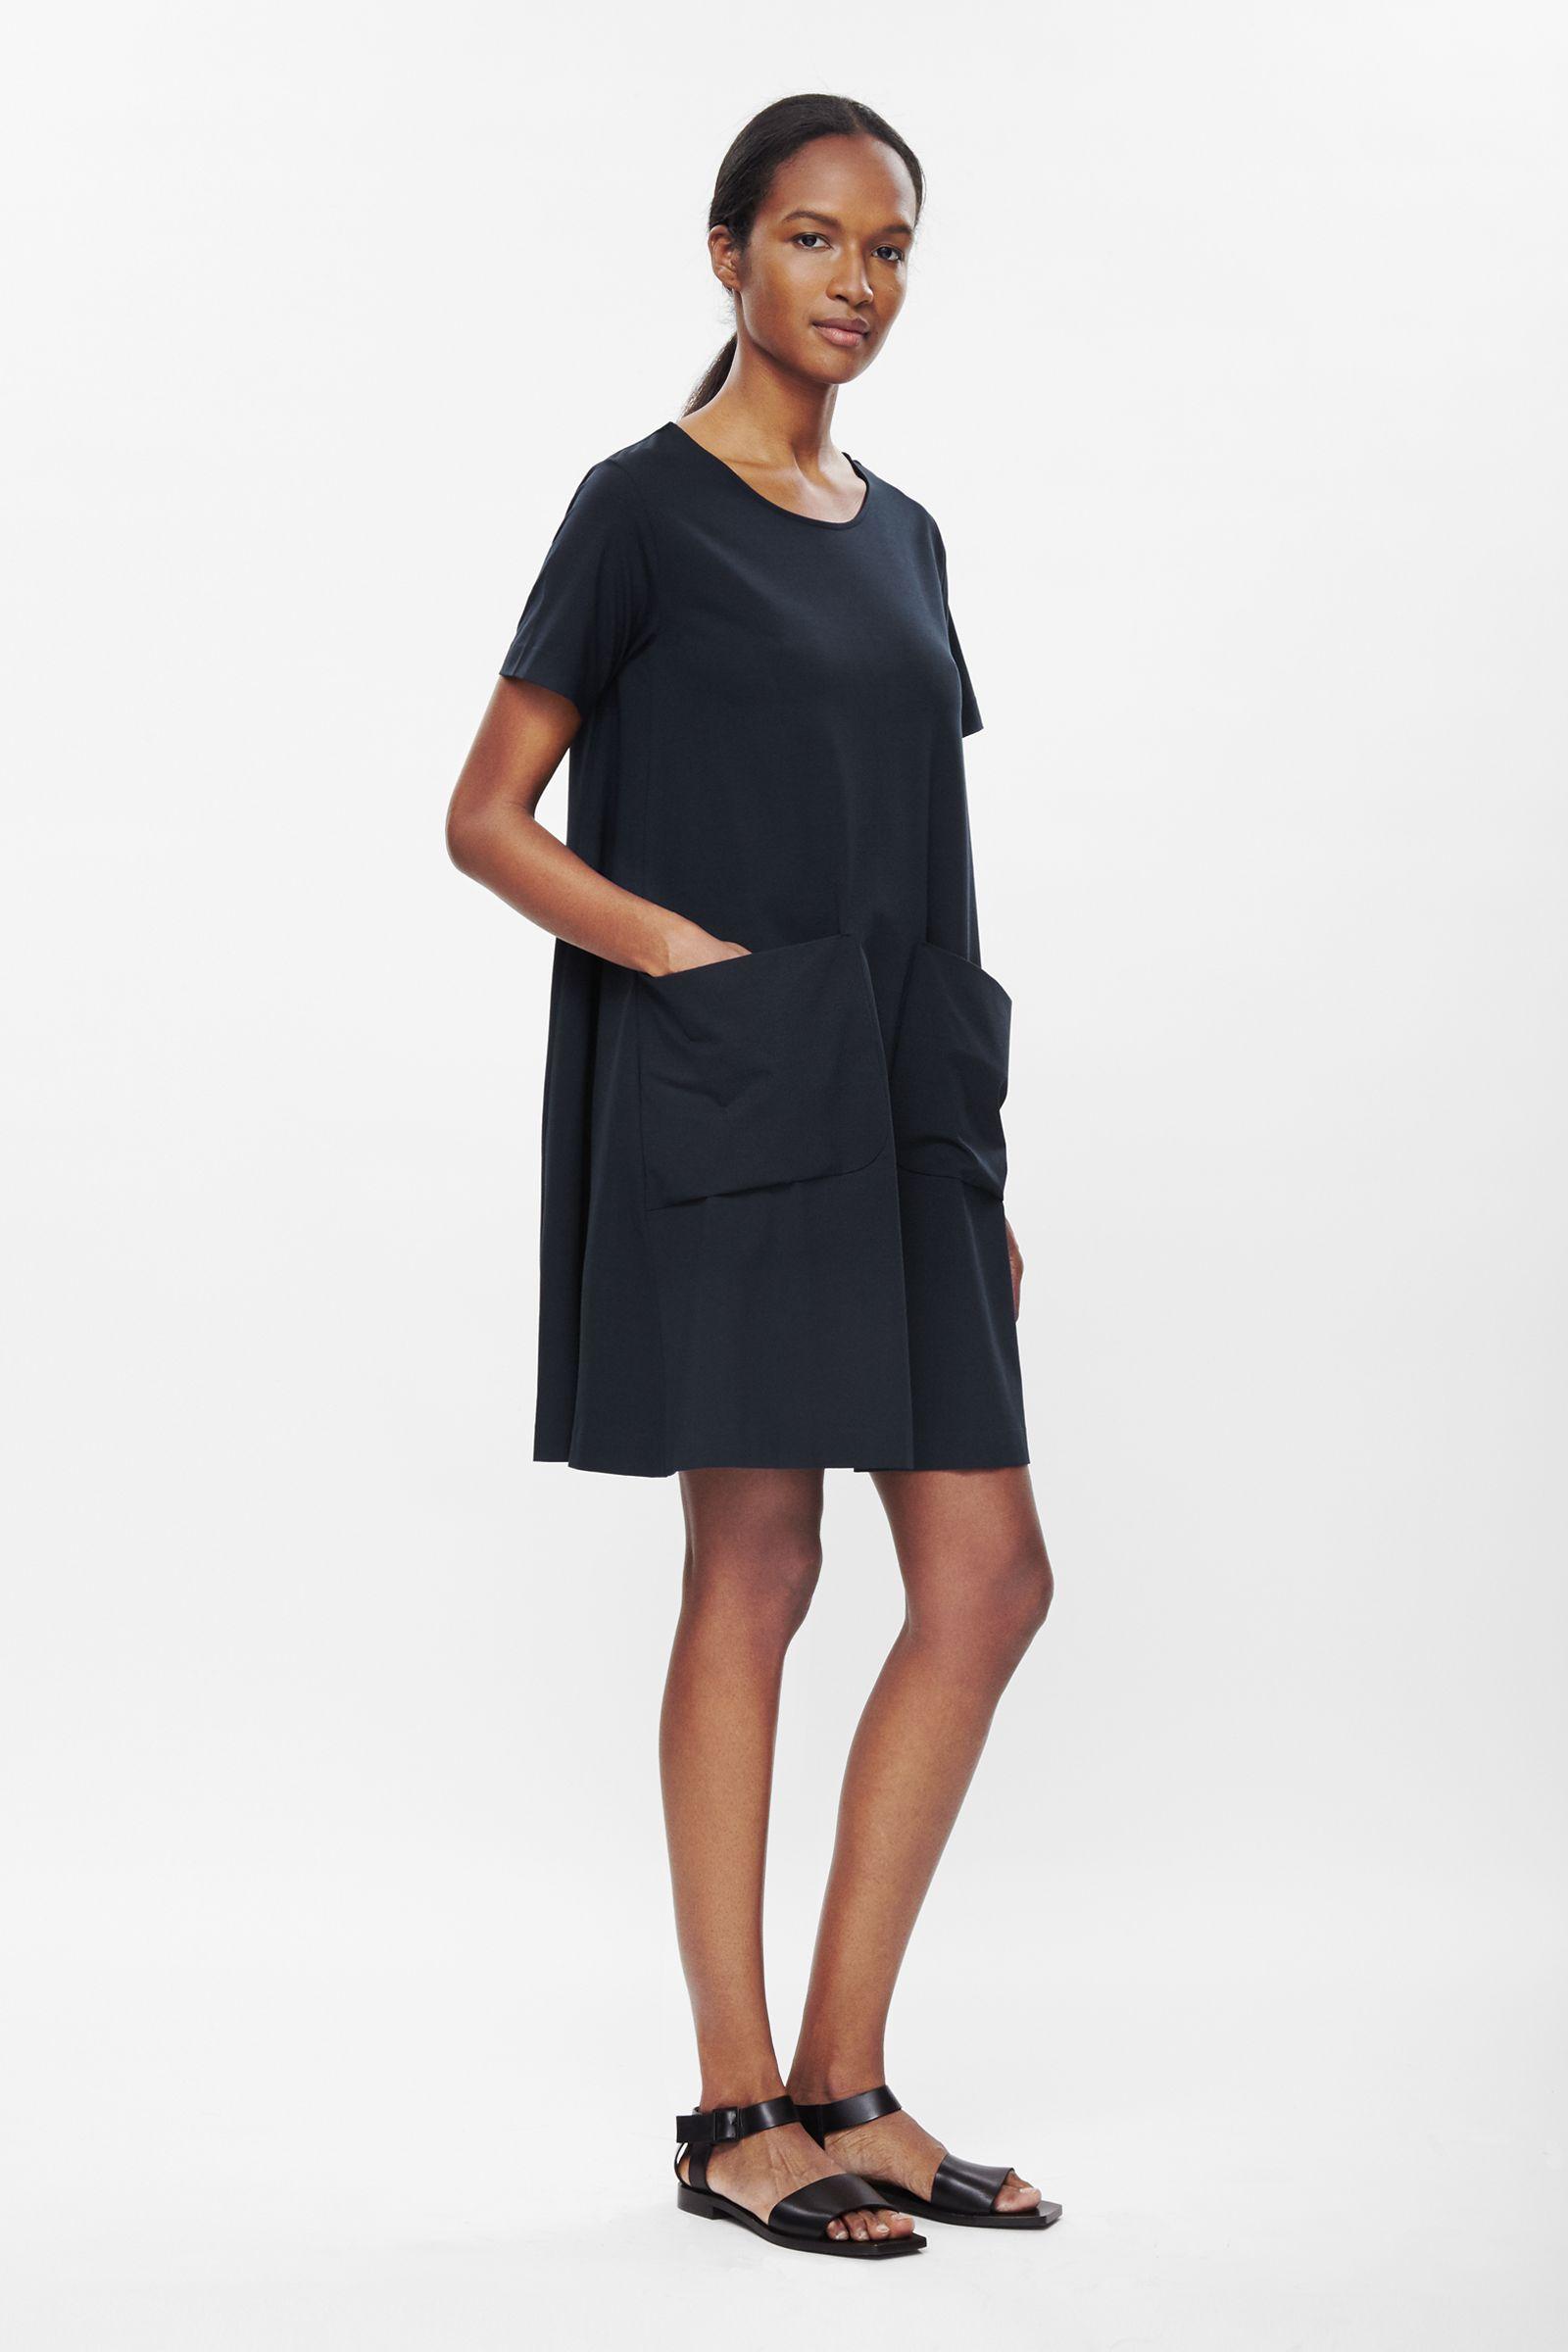 Aline jersey dress dressing pinterest